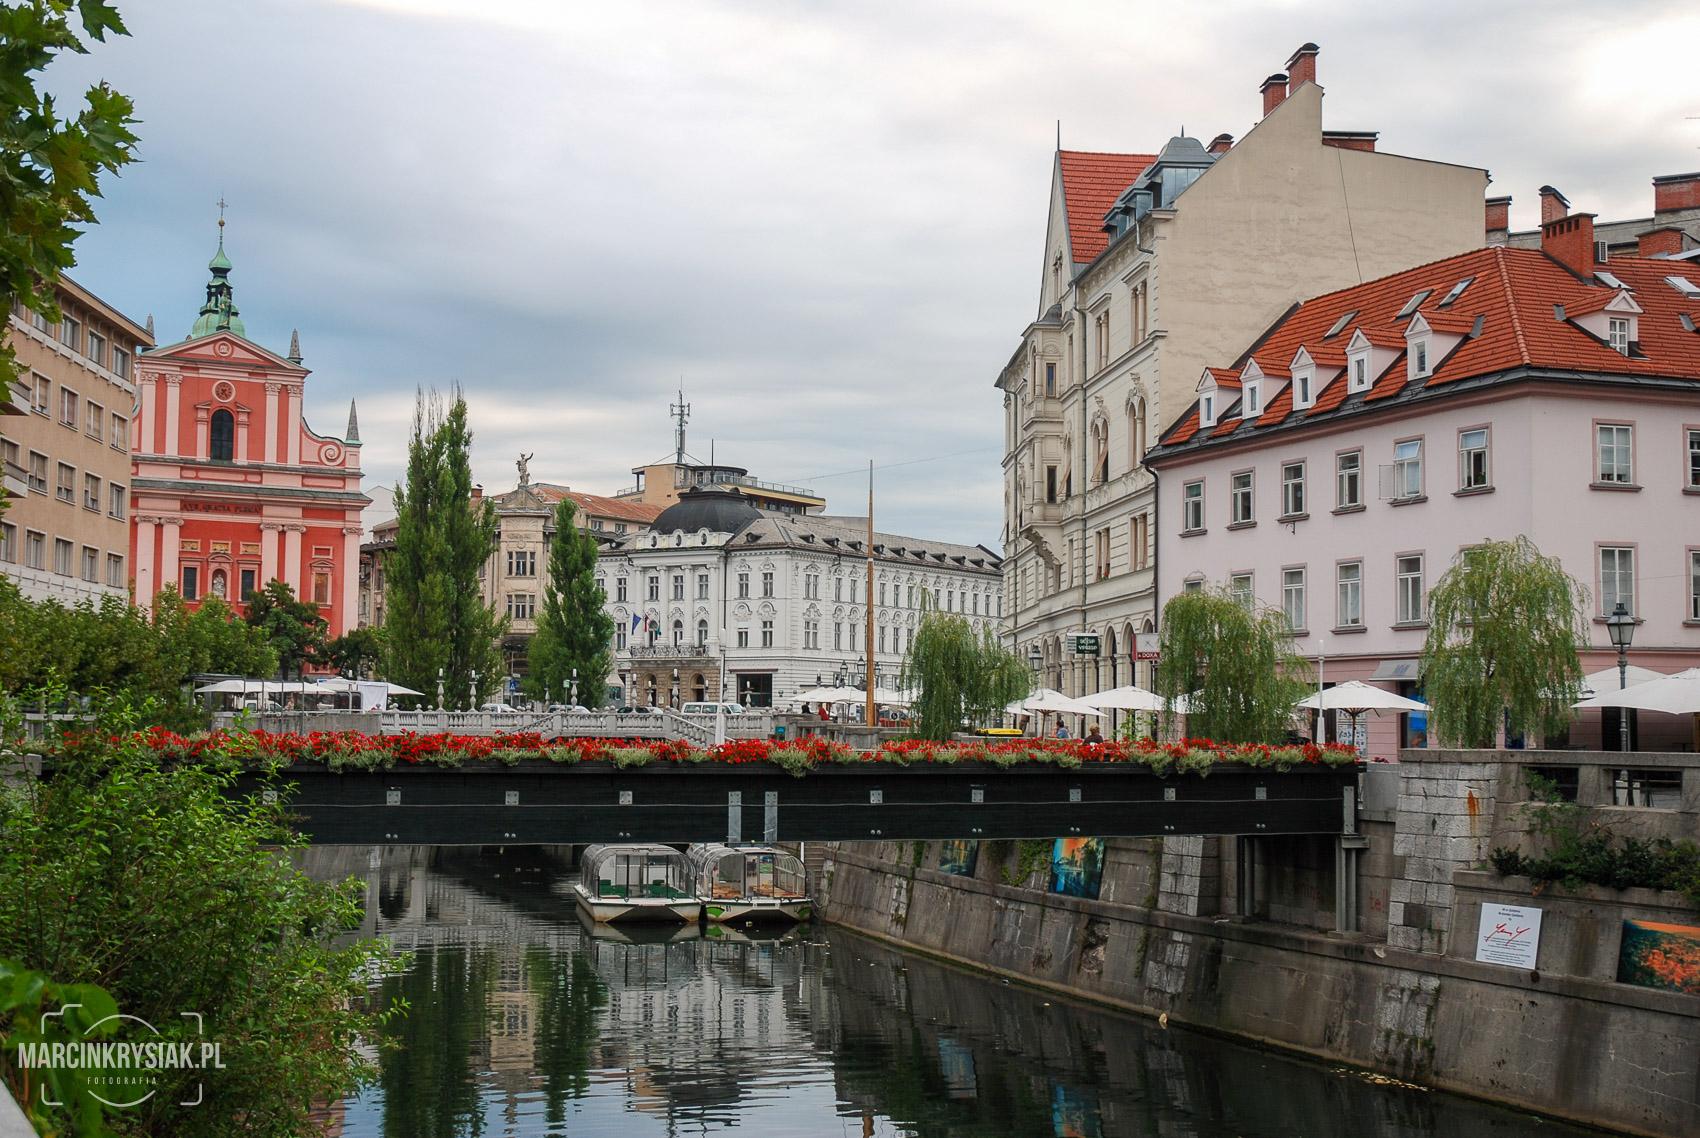 kamienice, woda, miasto, Lublana, stolica, centrum, kamienice, kwiatki, Słowenia